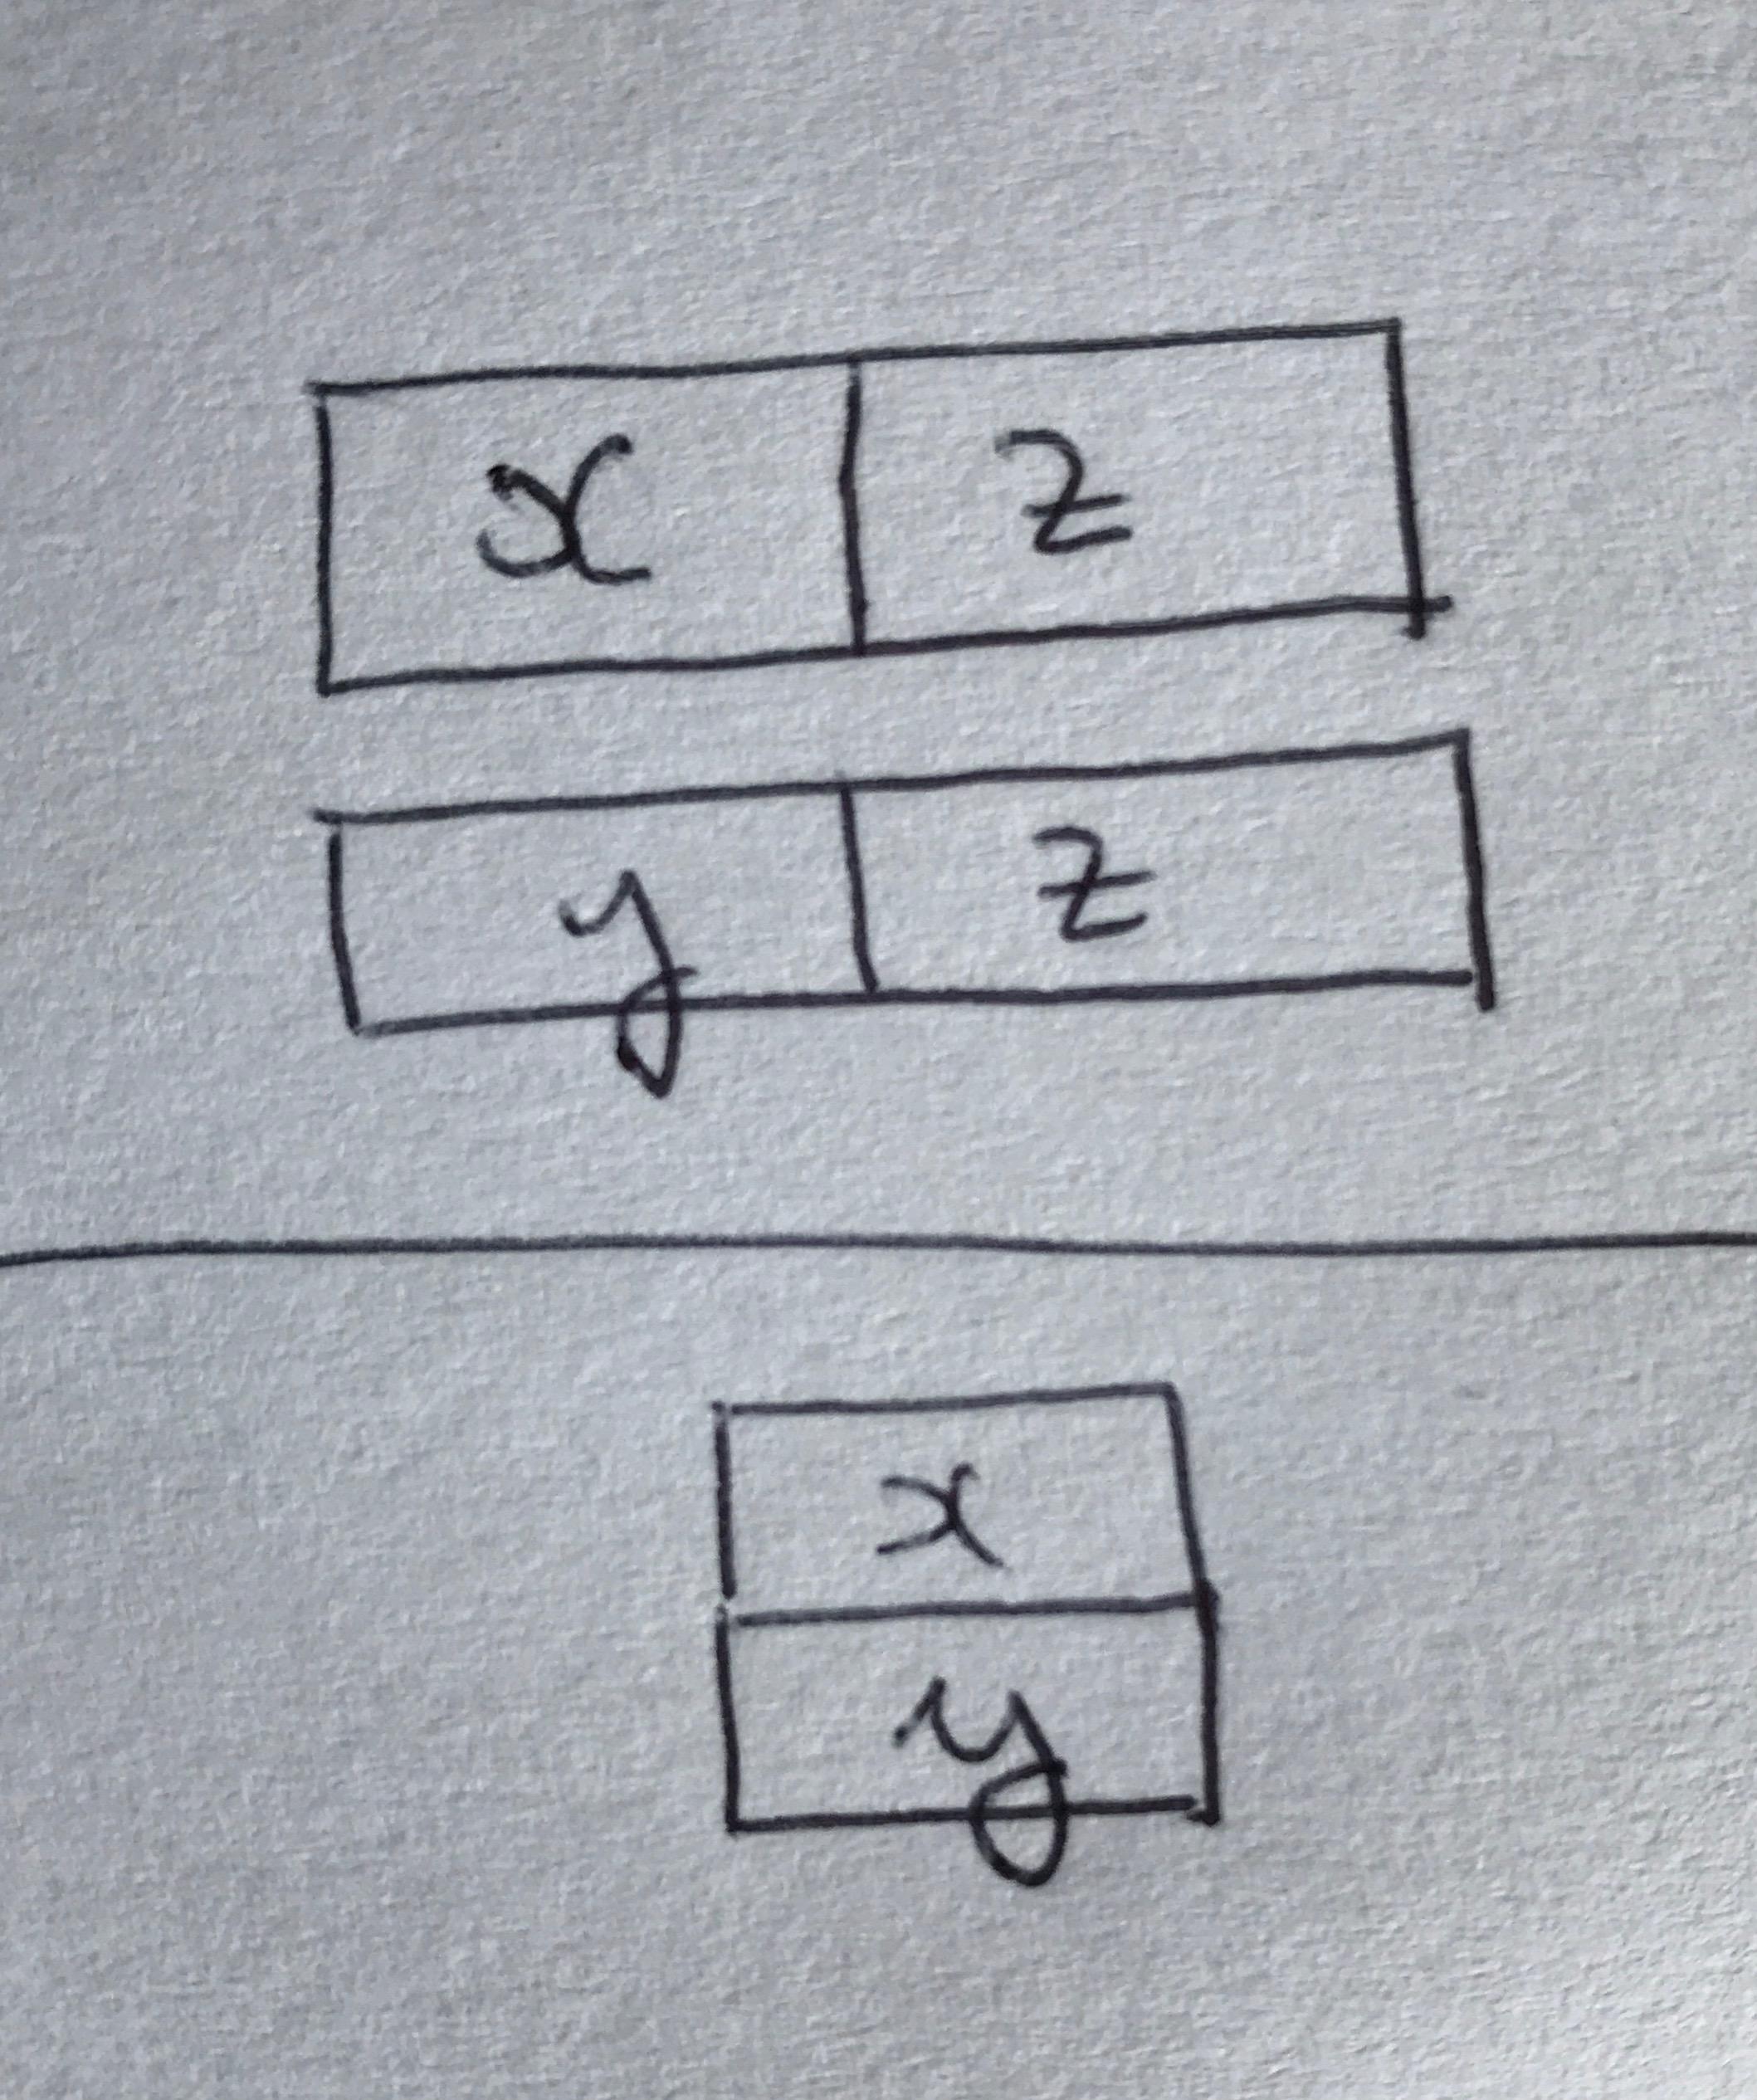 rule1.jpg